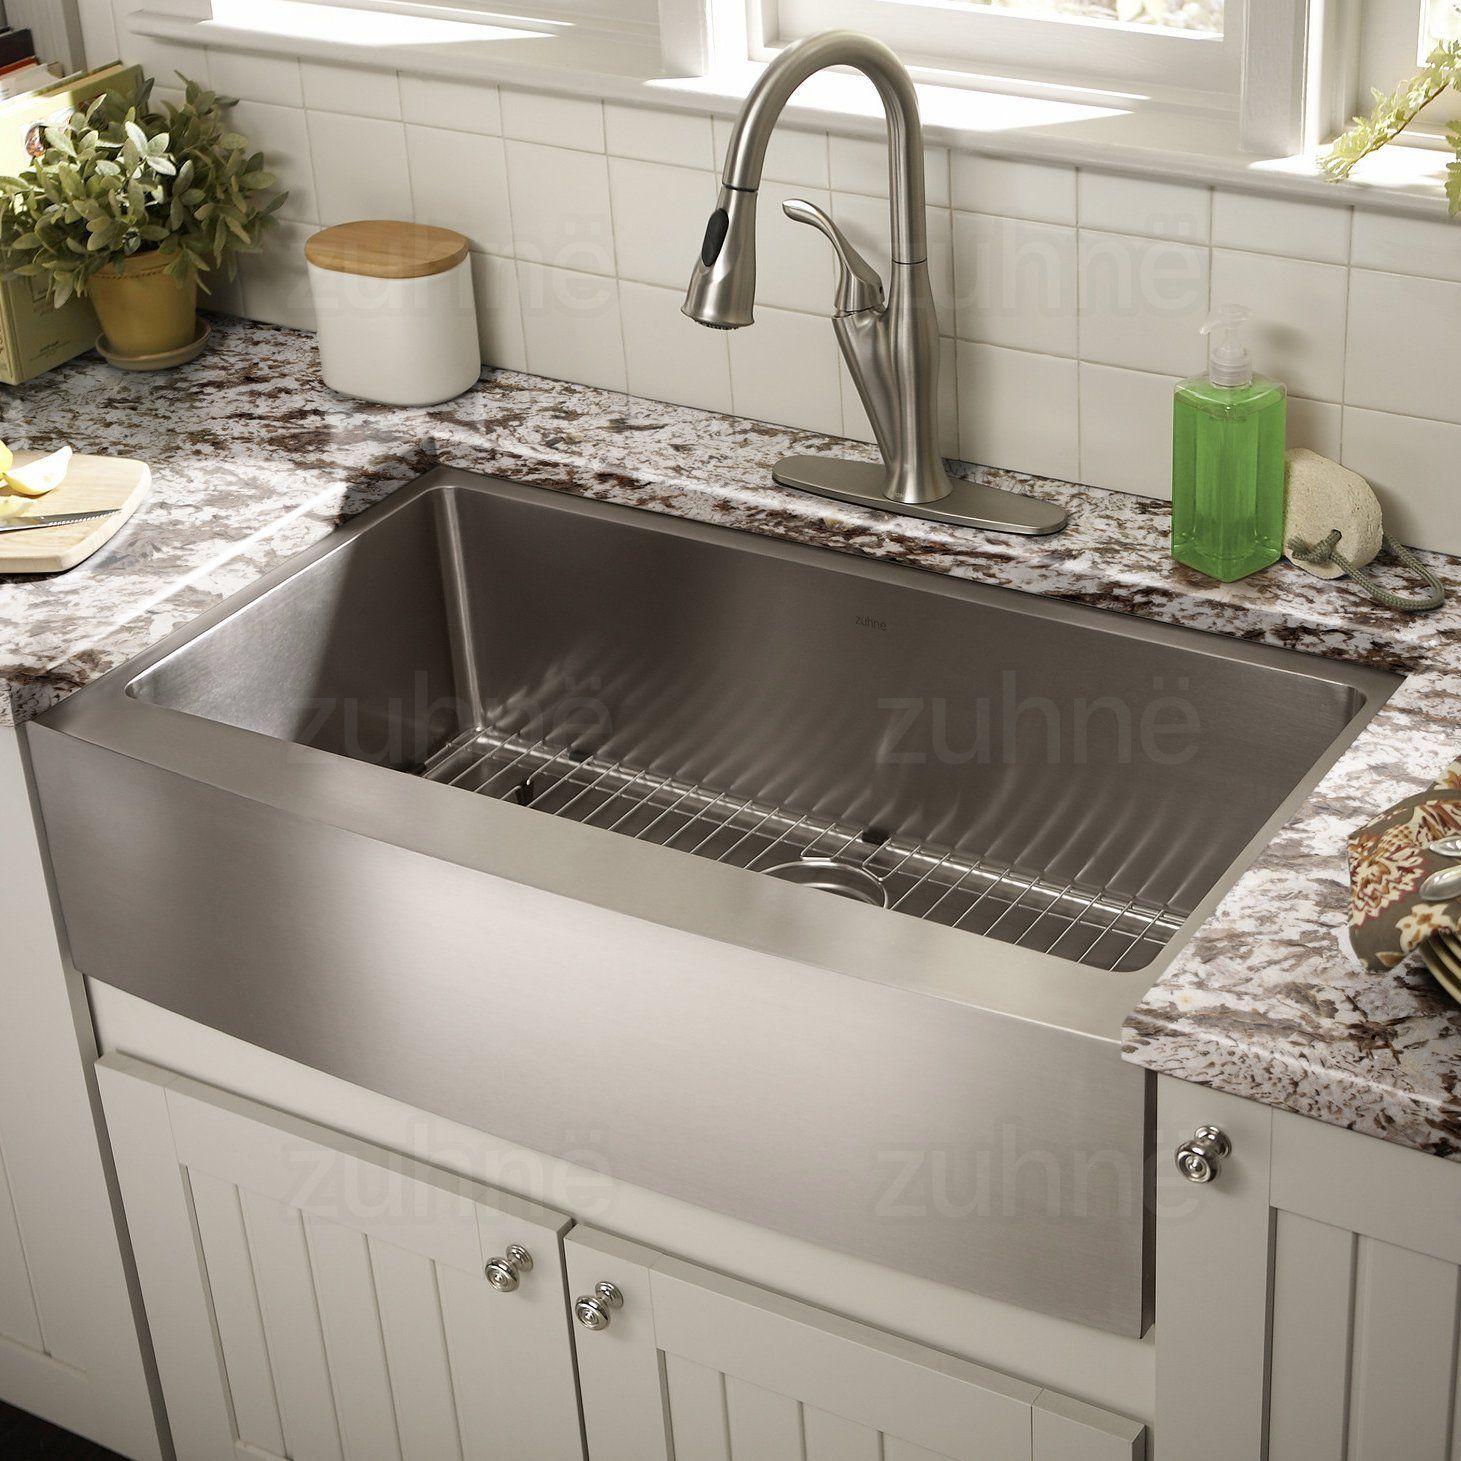 Zuhne 30 Best Stainless Steel kitchen Sinks